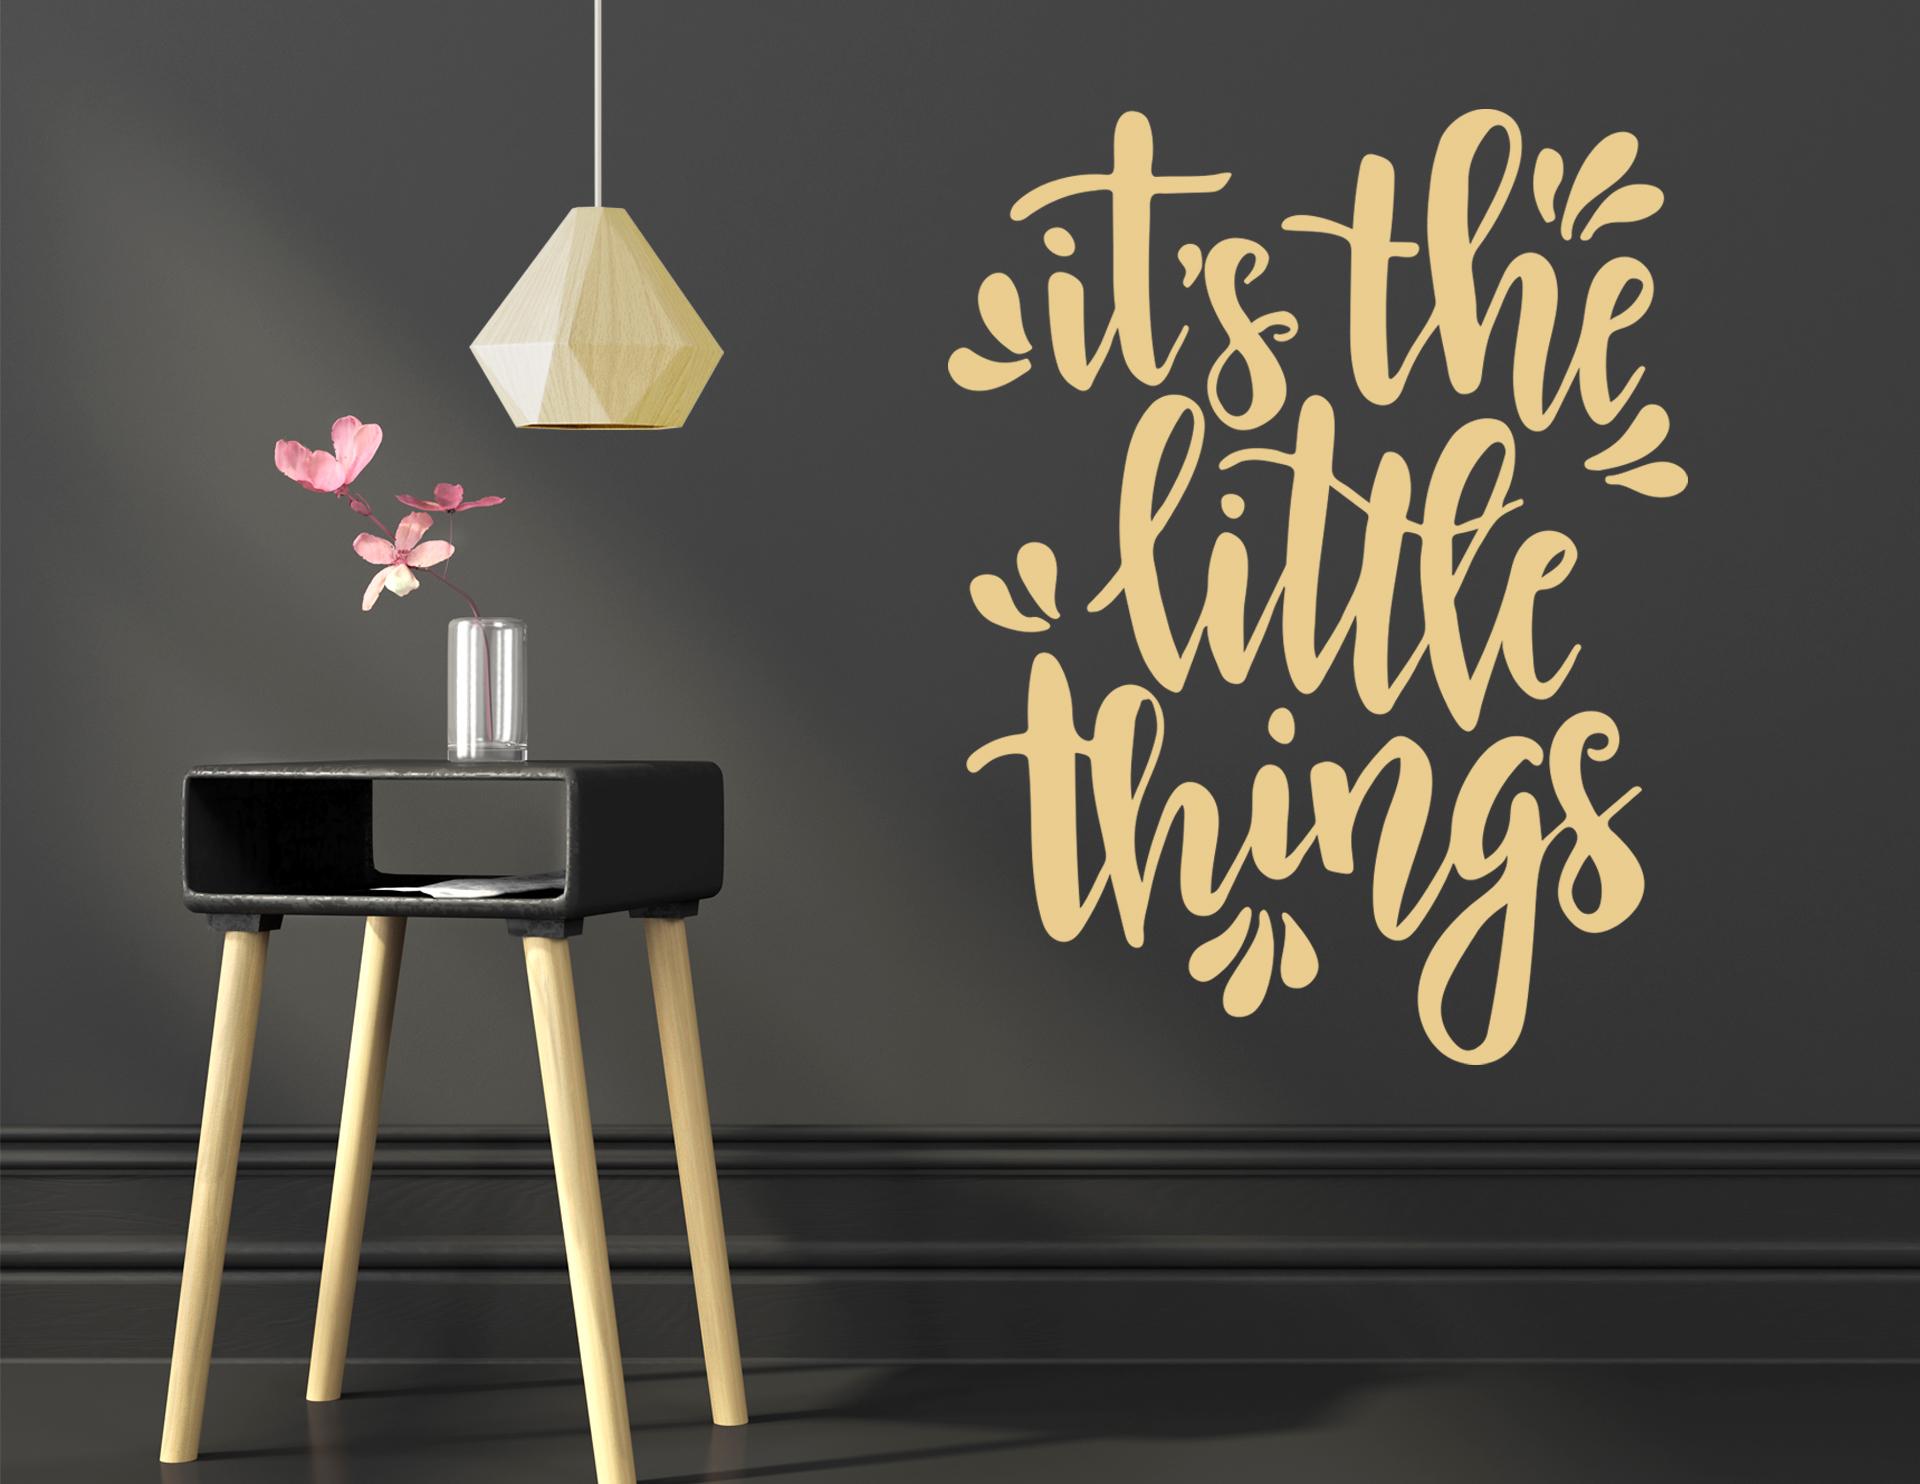 """Wandtattoo """"Little Things"""" findet Glück in kleinen Dingen"""